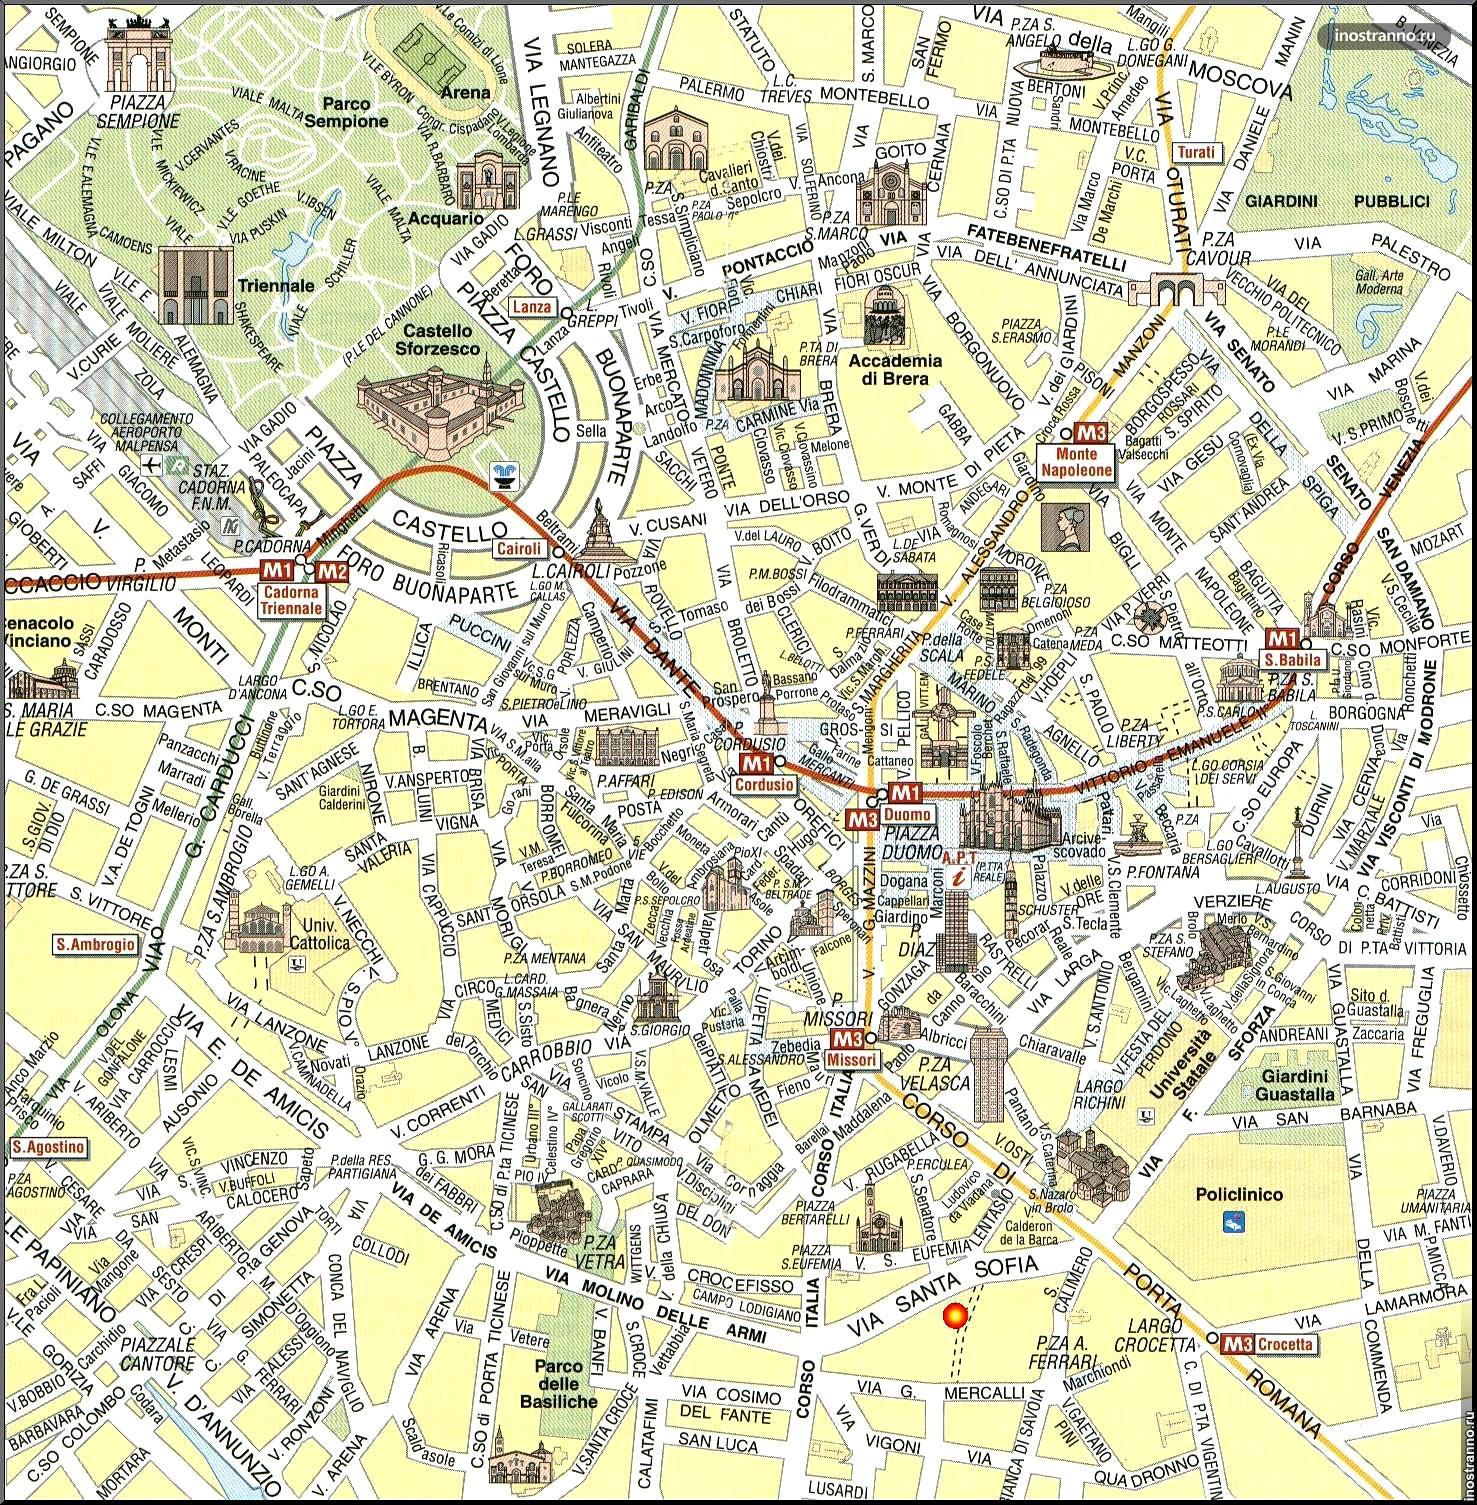 Карта достопримечательностей Милана